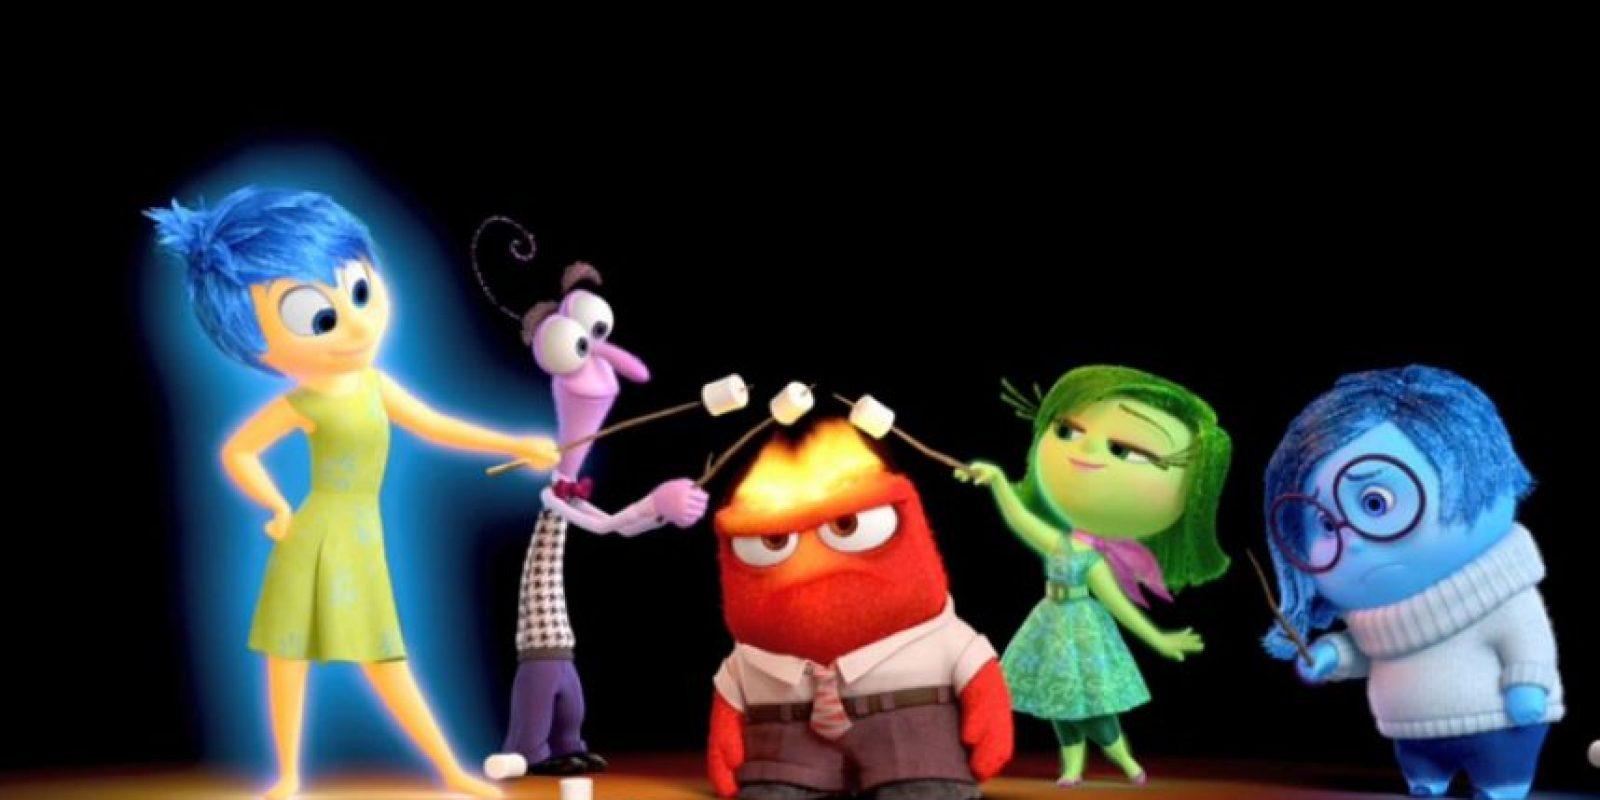 Se decía que el carisma de Jobs distorsionaba lo que él en realidad fue. Foto:vía Pixar